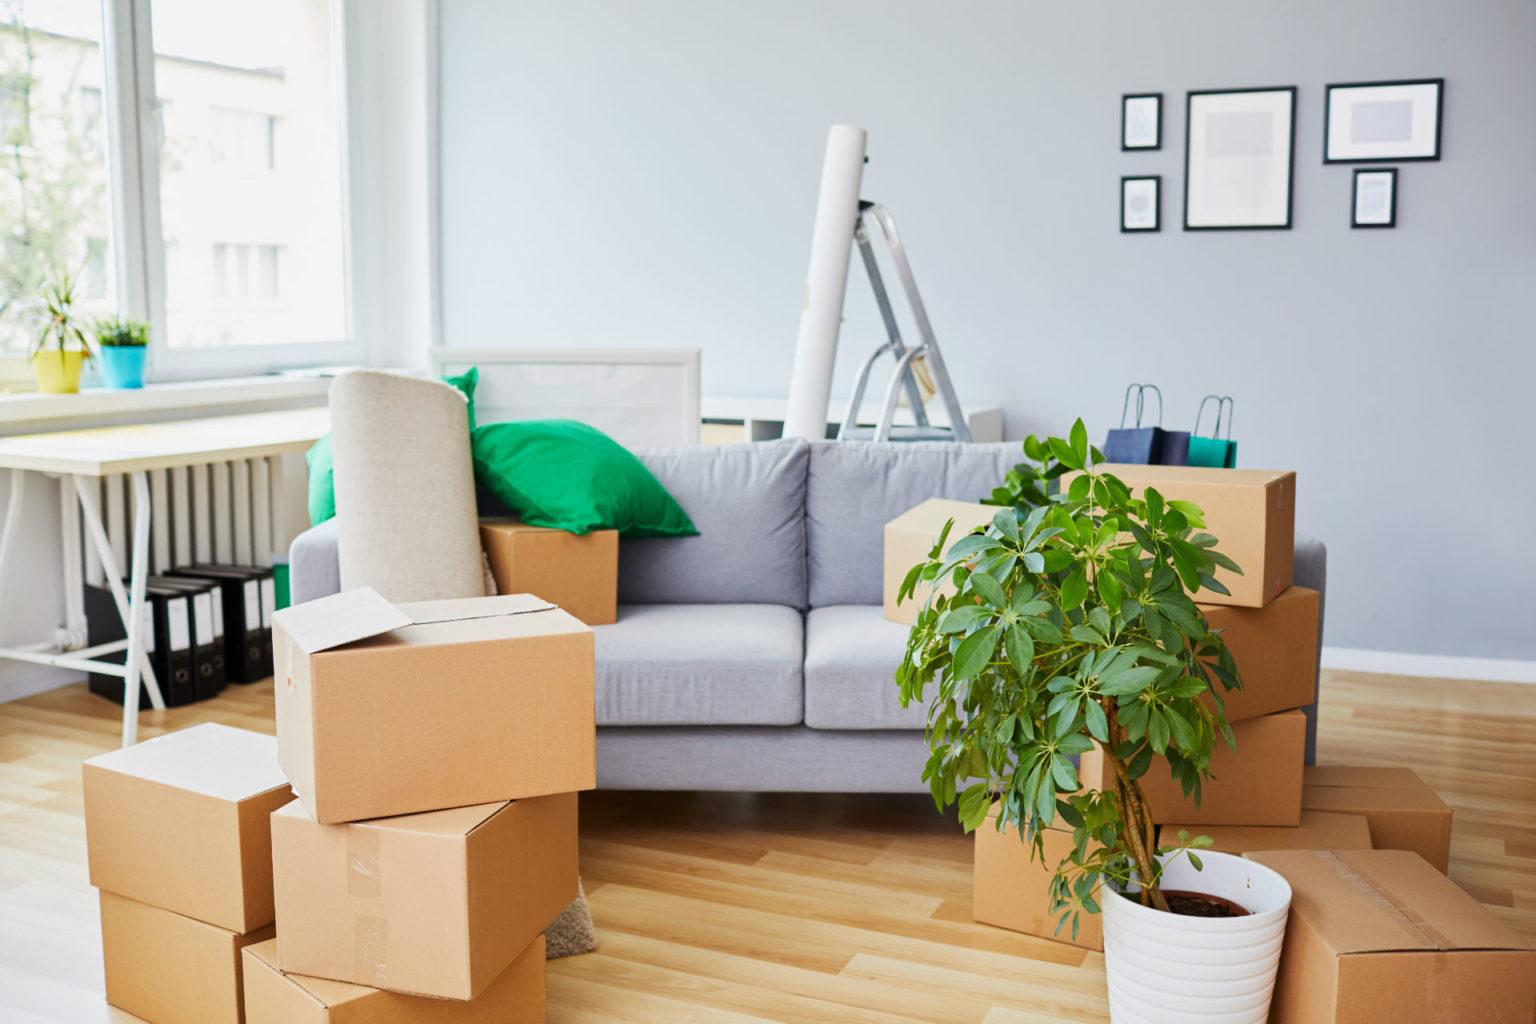 salon avec cartons d'emménagement